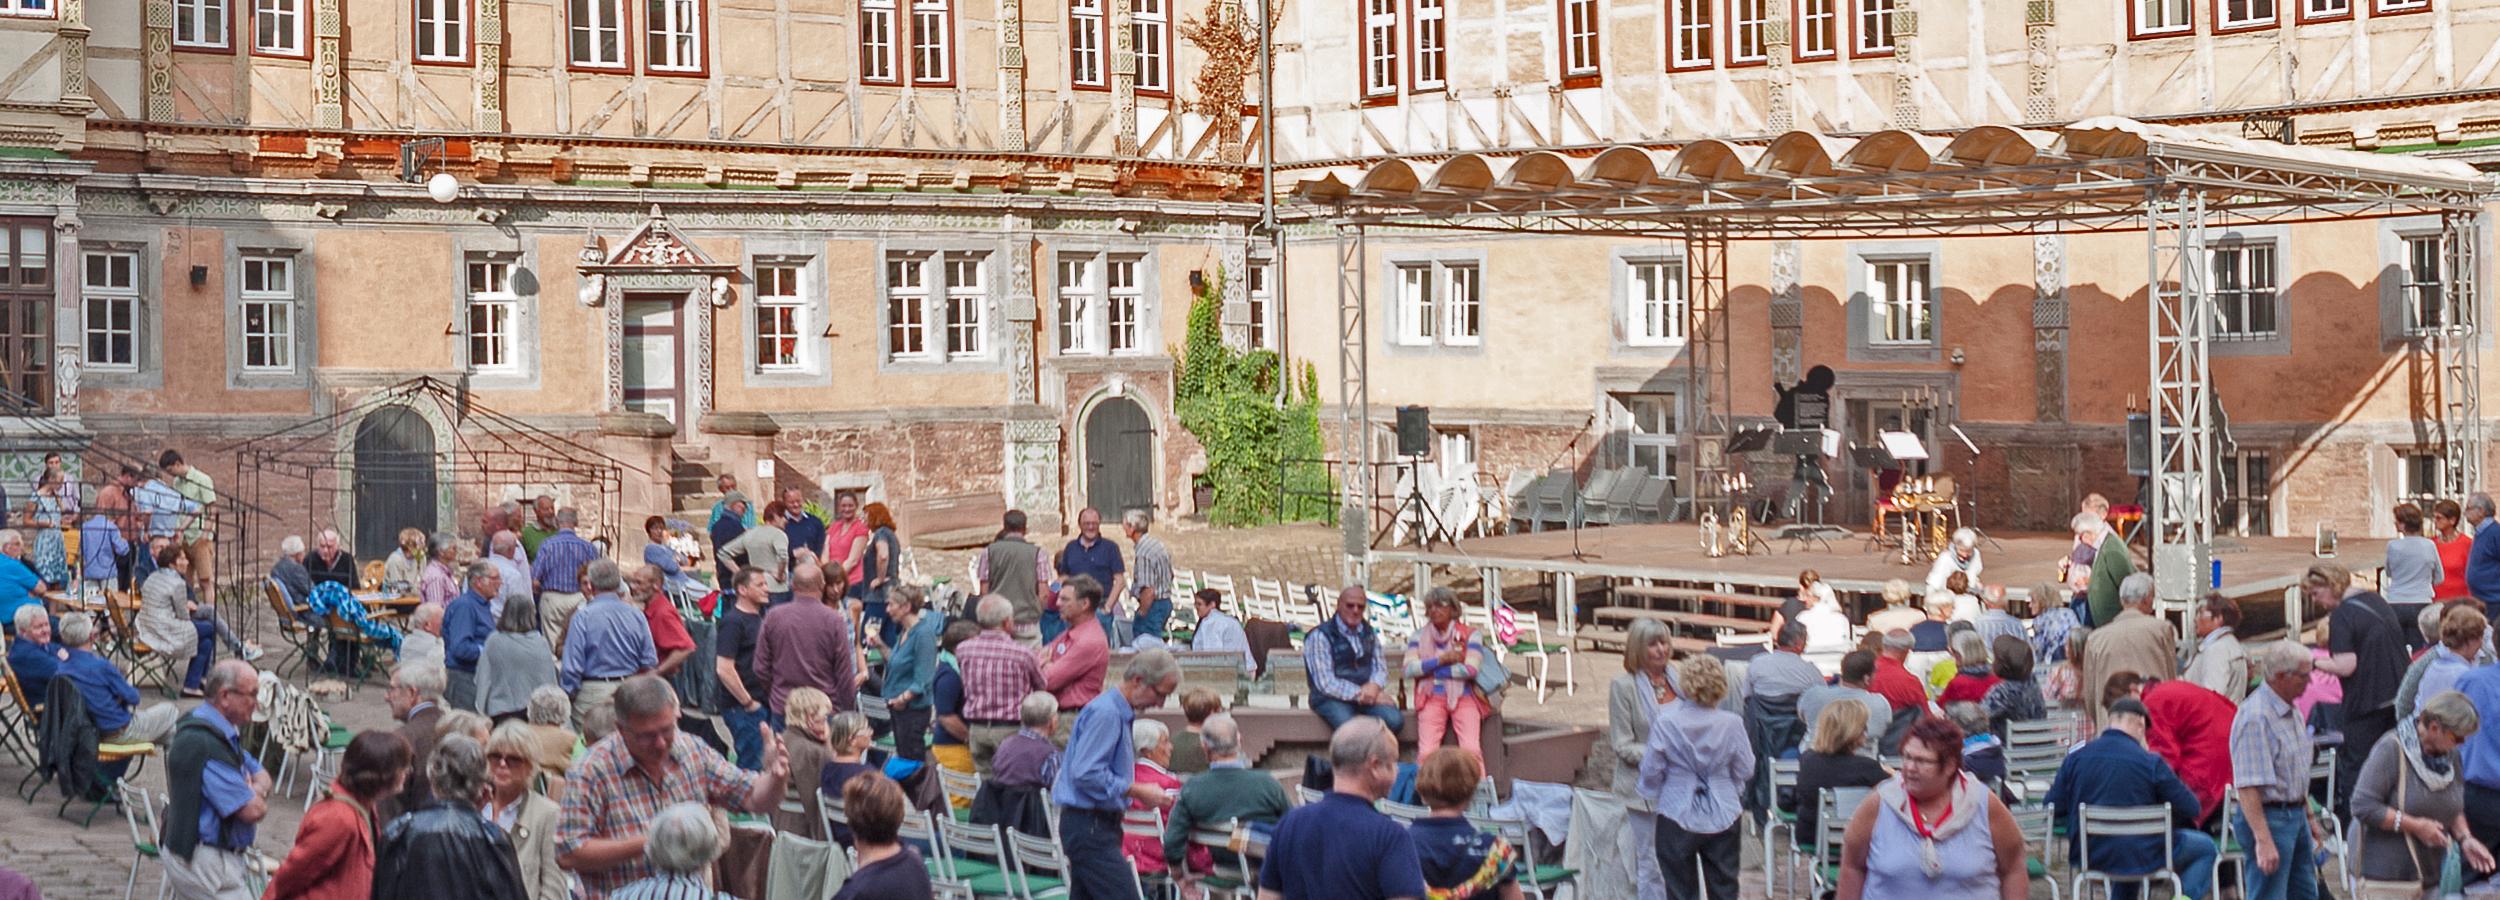 Schloss Bevern Schloss Bevern